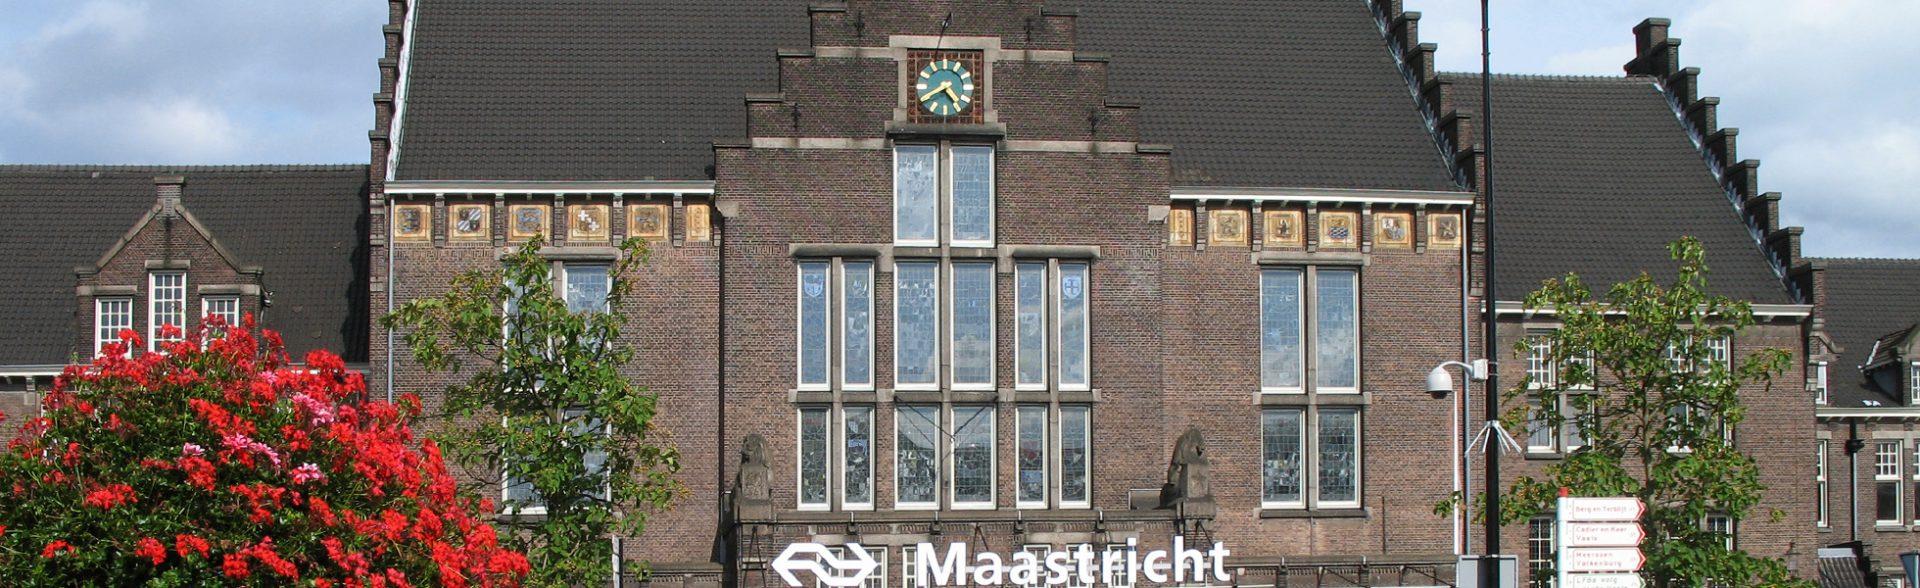 B Maastricht: station Maastricht